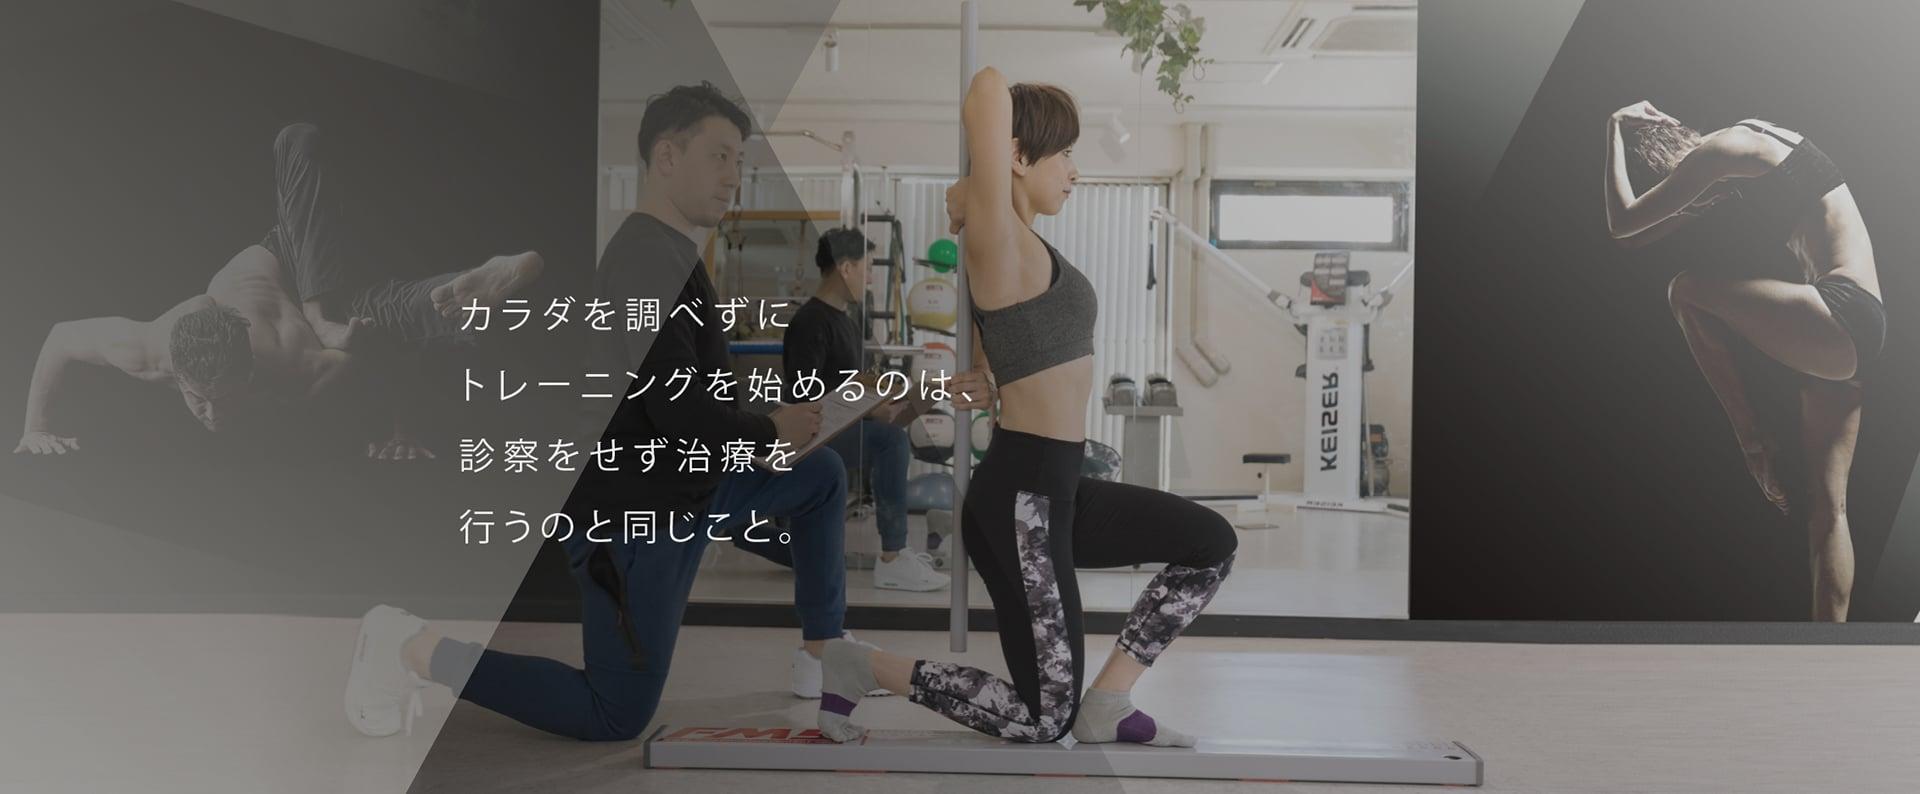 カラダを調べずにトレーニングを始めることは、診療をせず治療を行うのと同じこと。